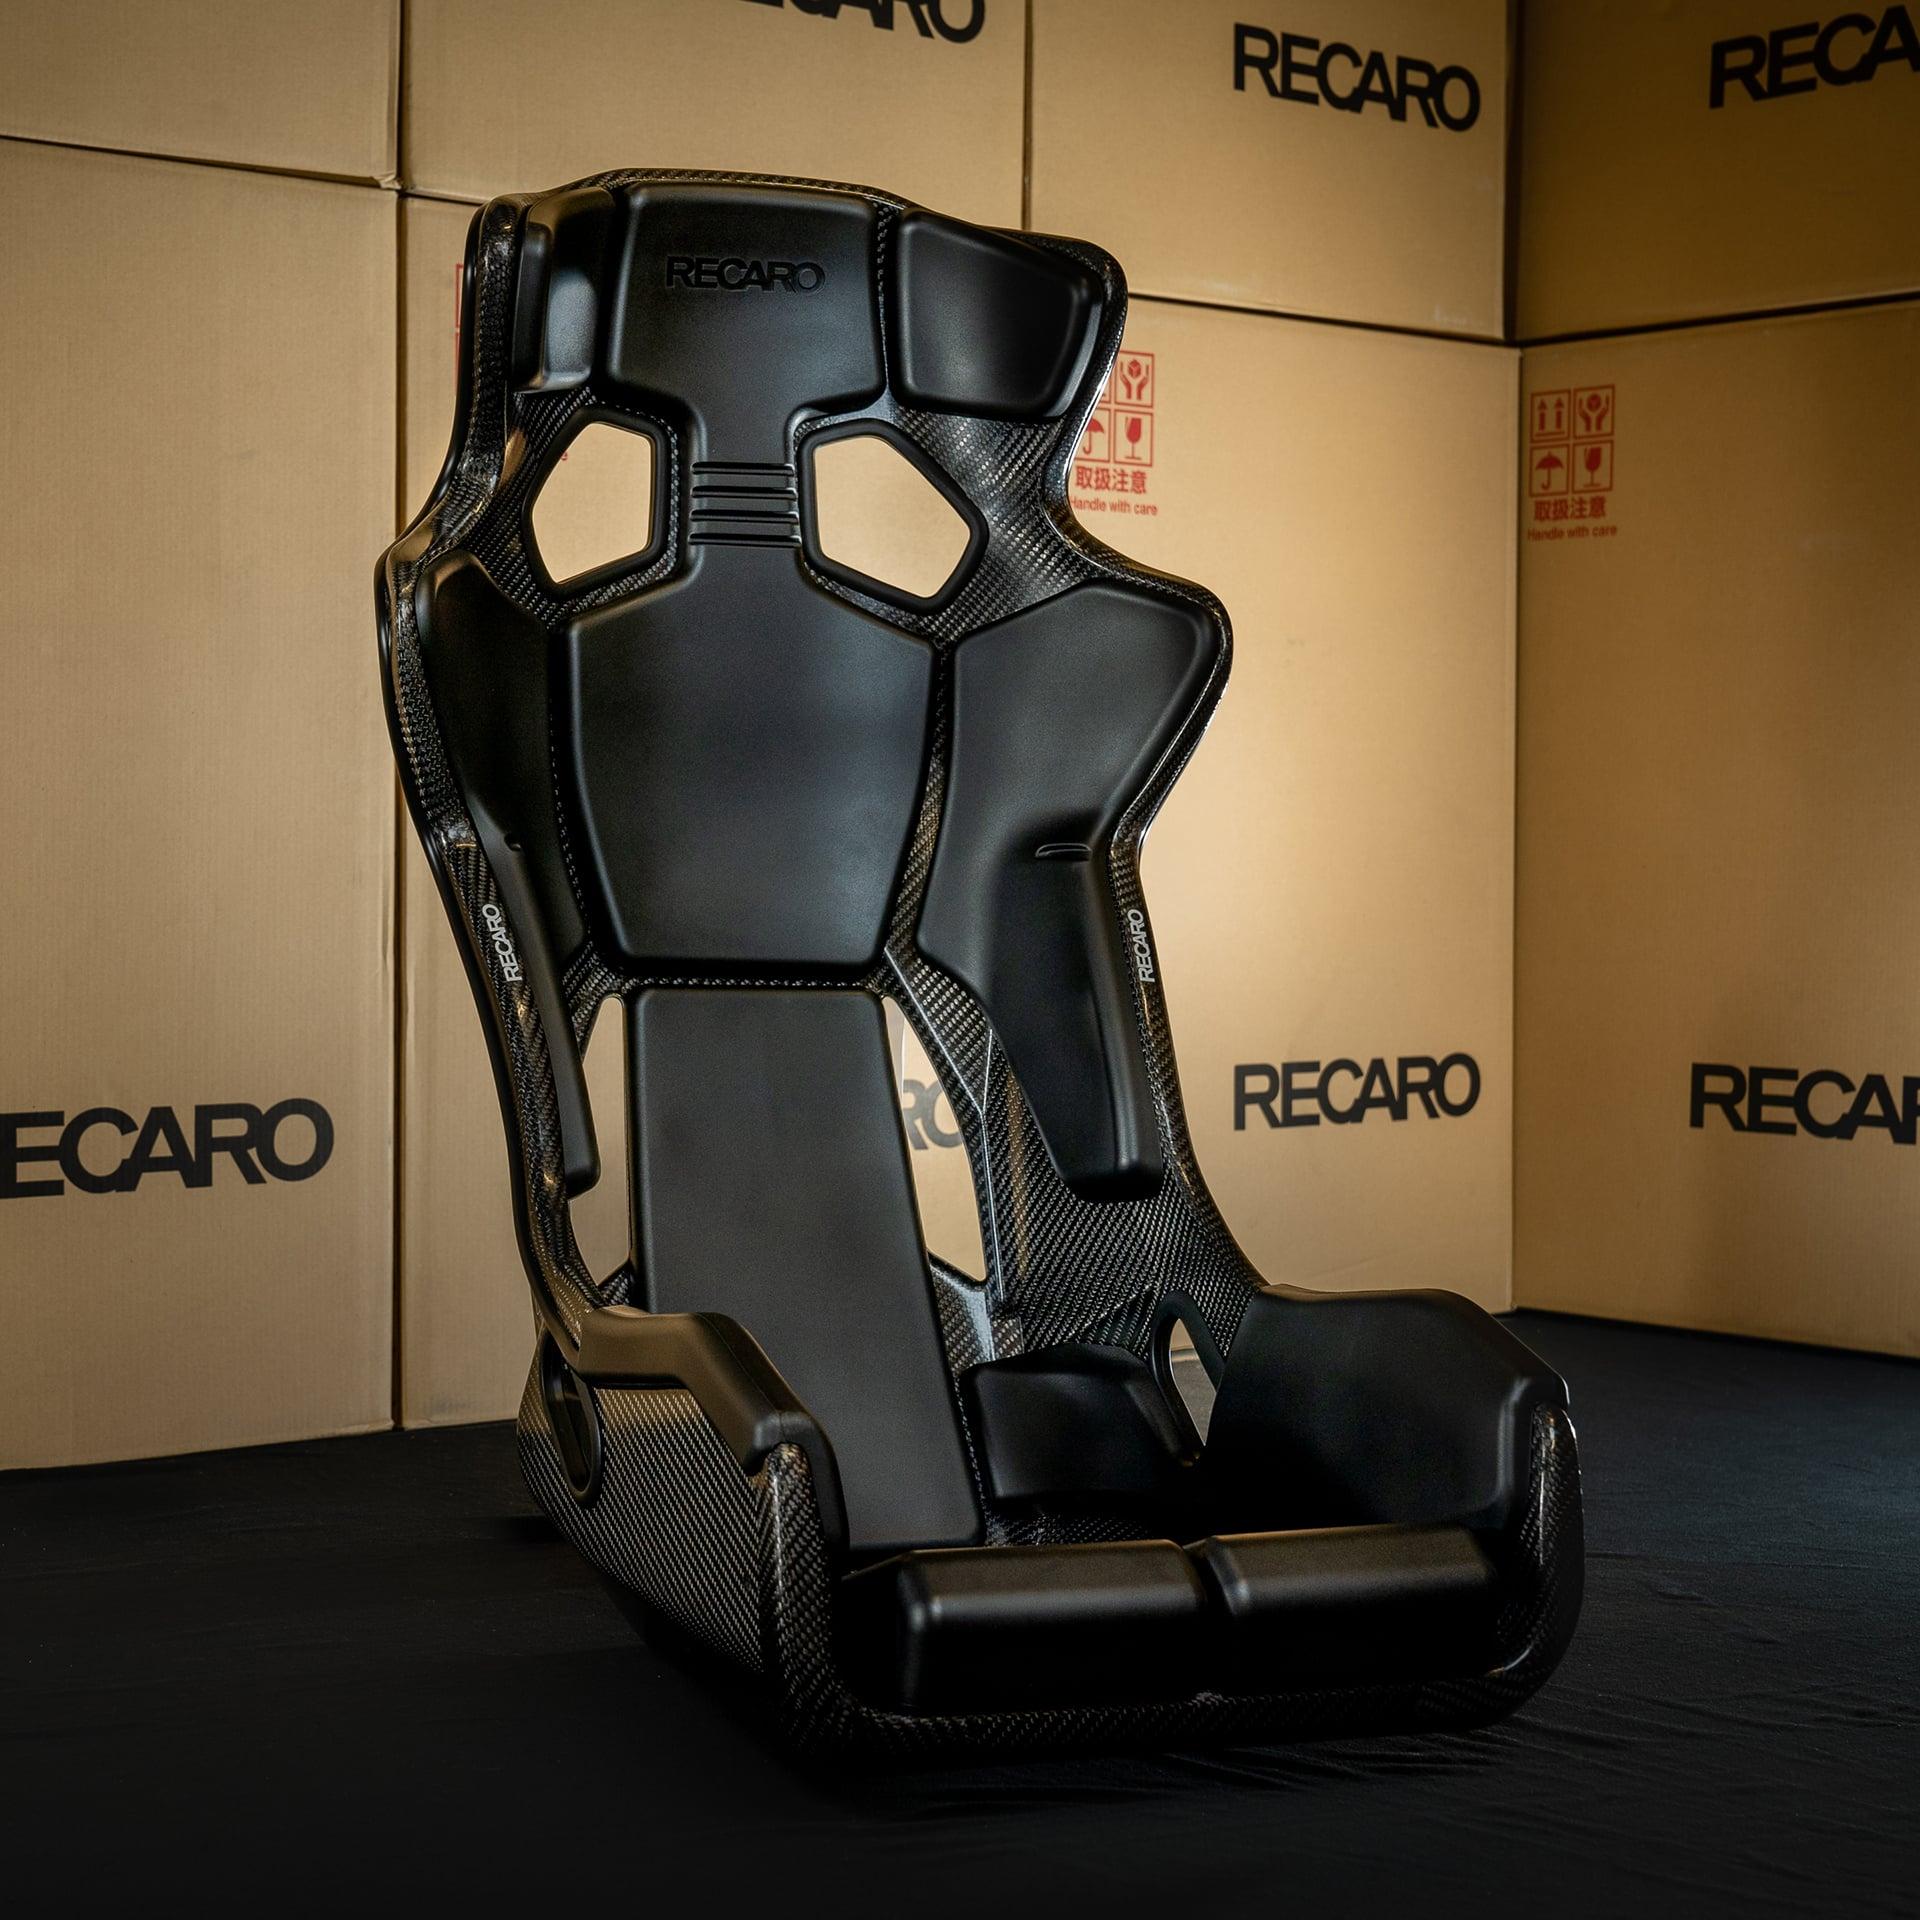 Recaro Bucket Seat RMS 2600A